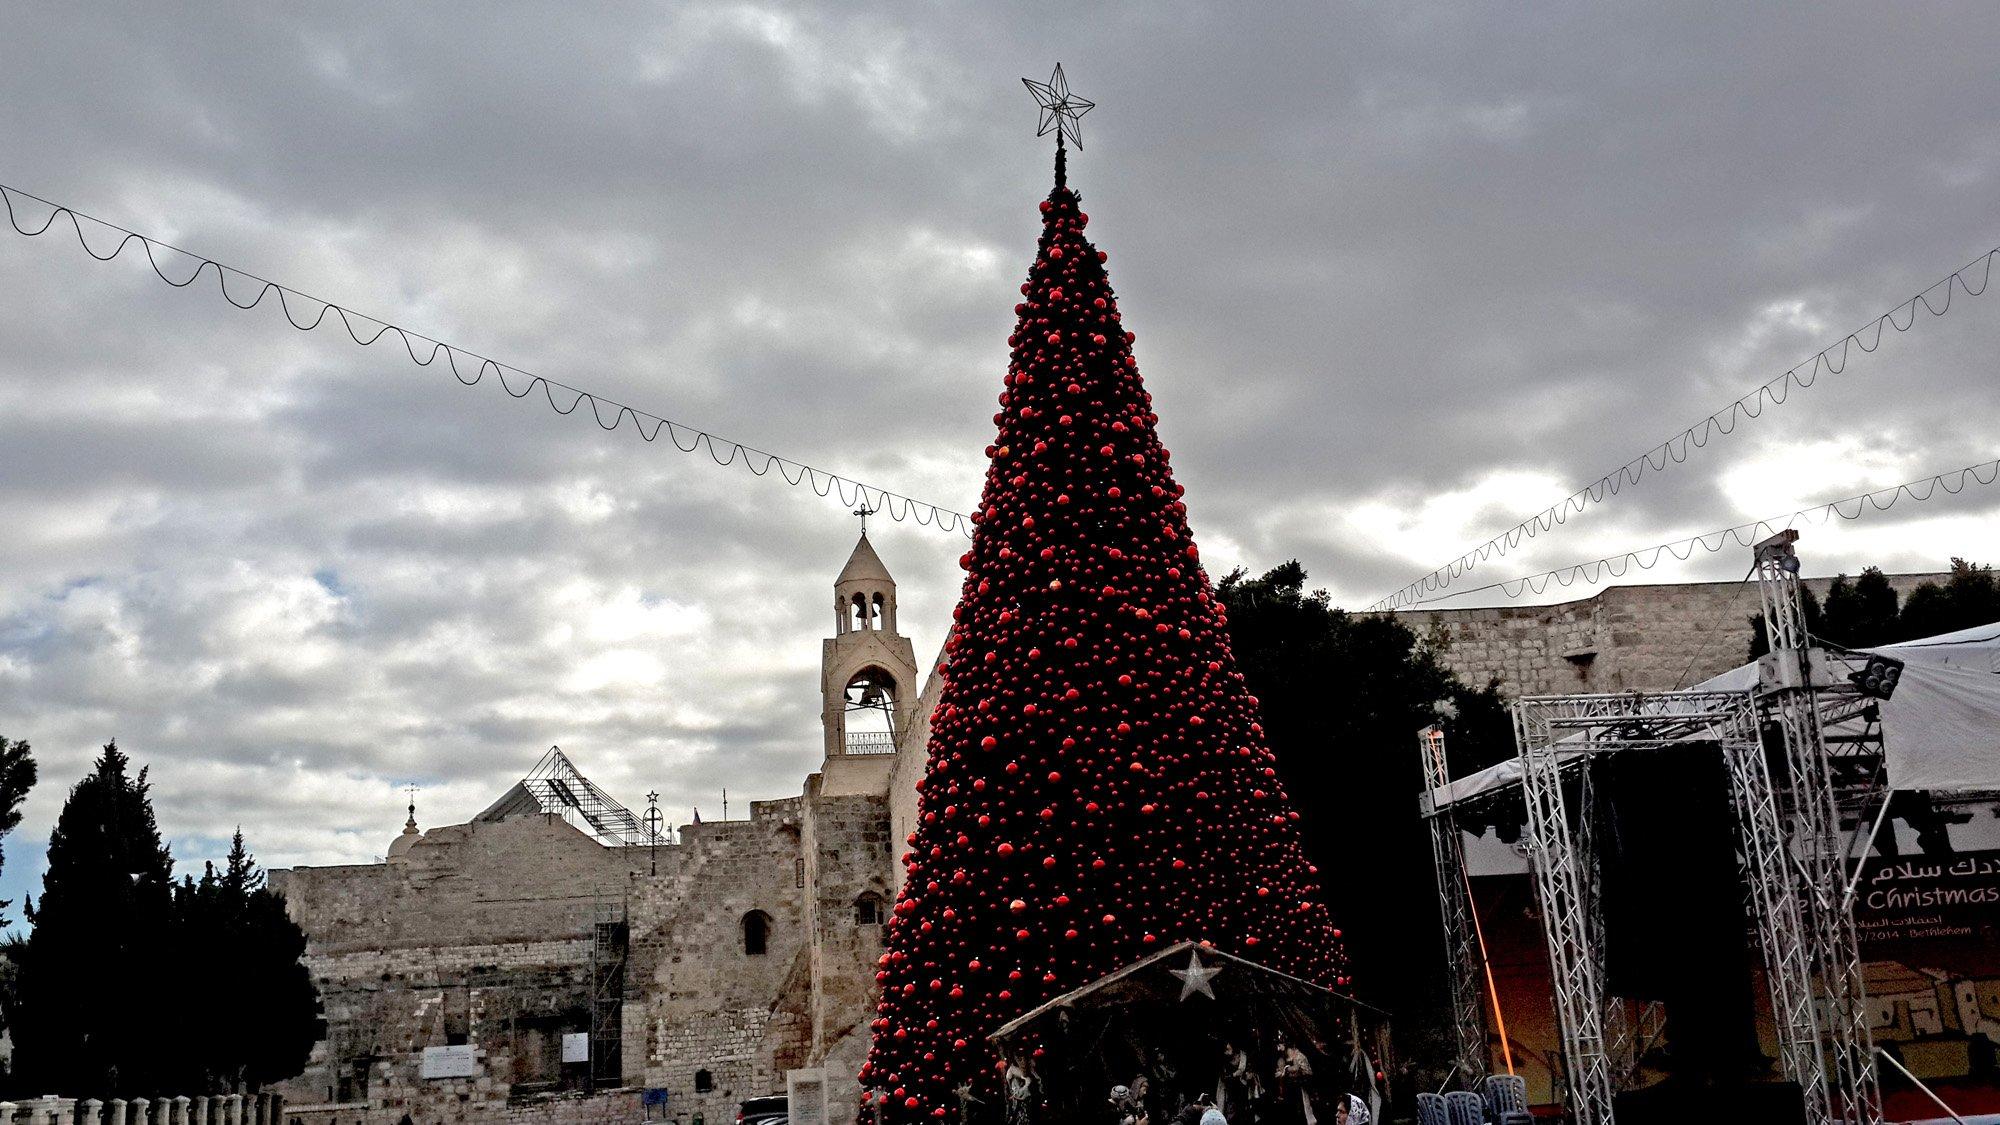 ВВифлееме потушили рождественские огни из-за решения США поИерусалиму